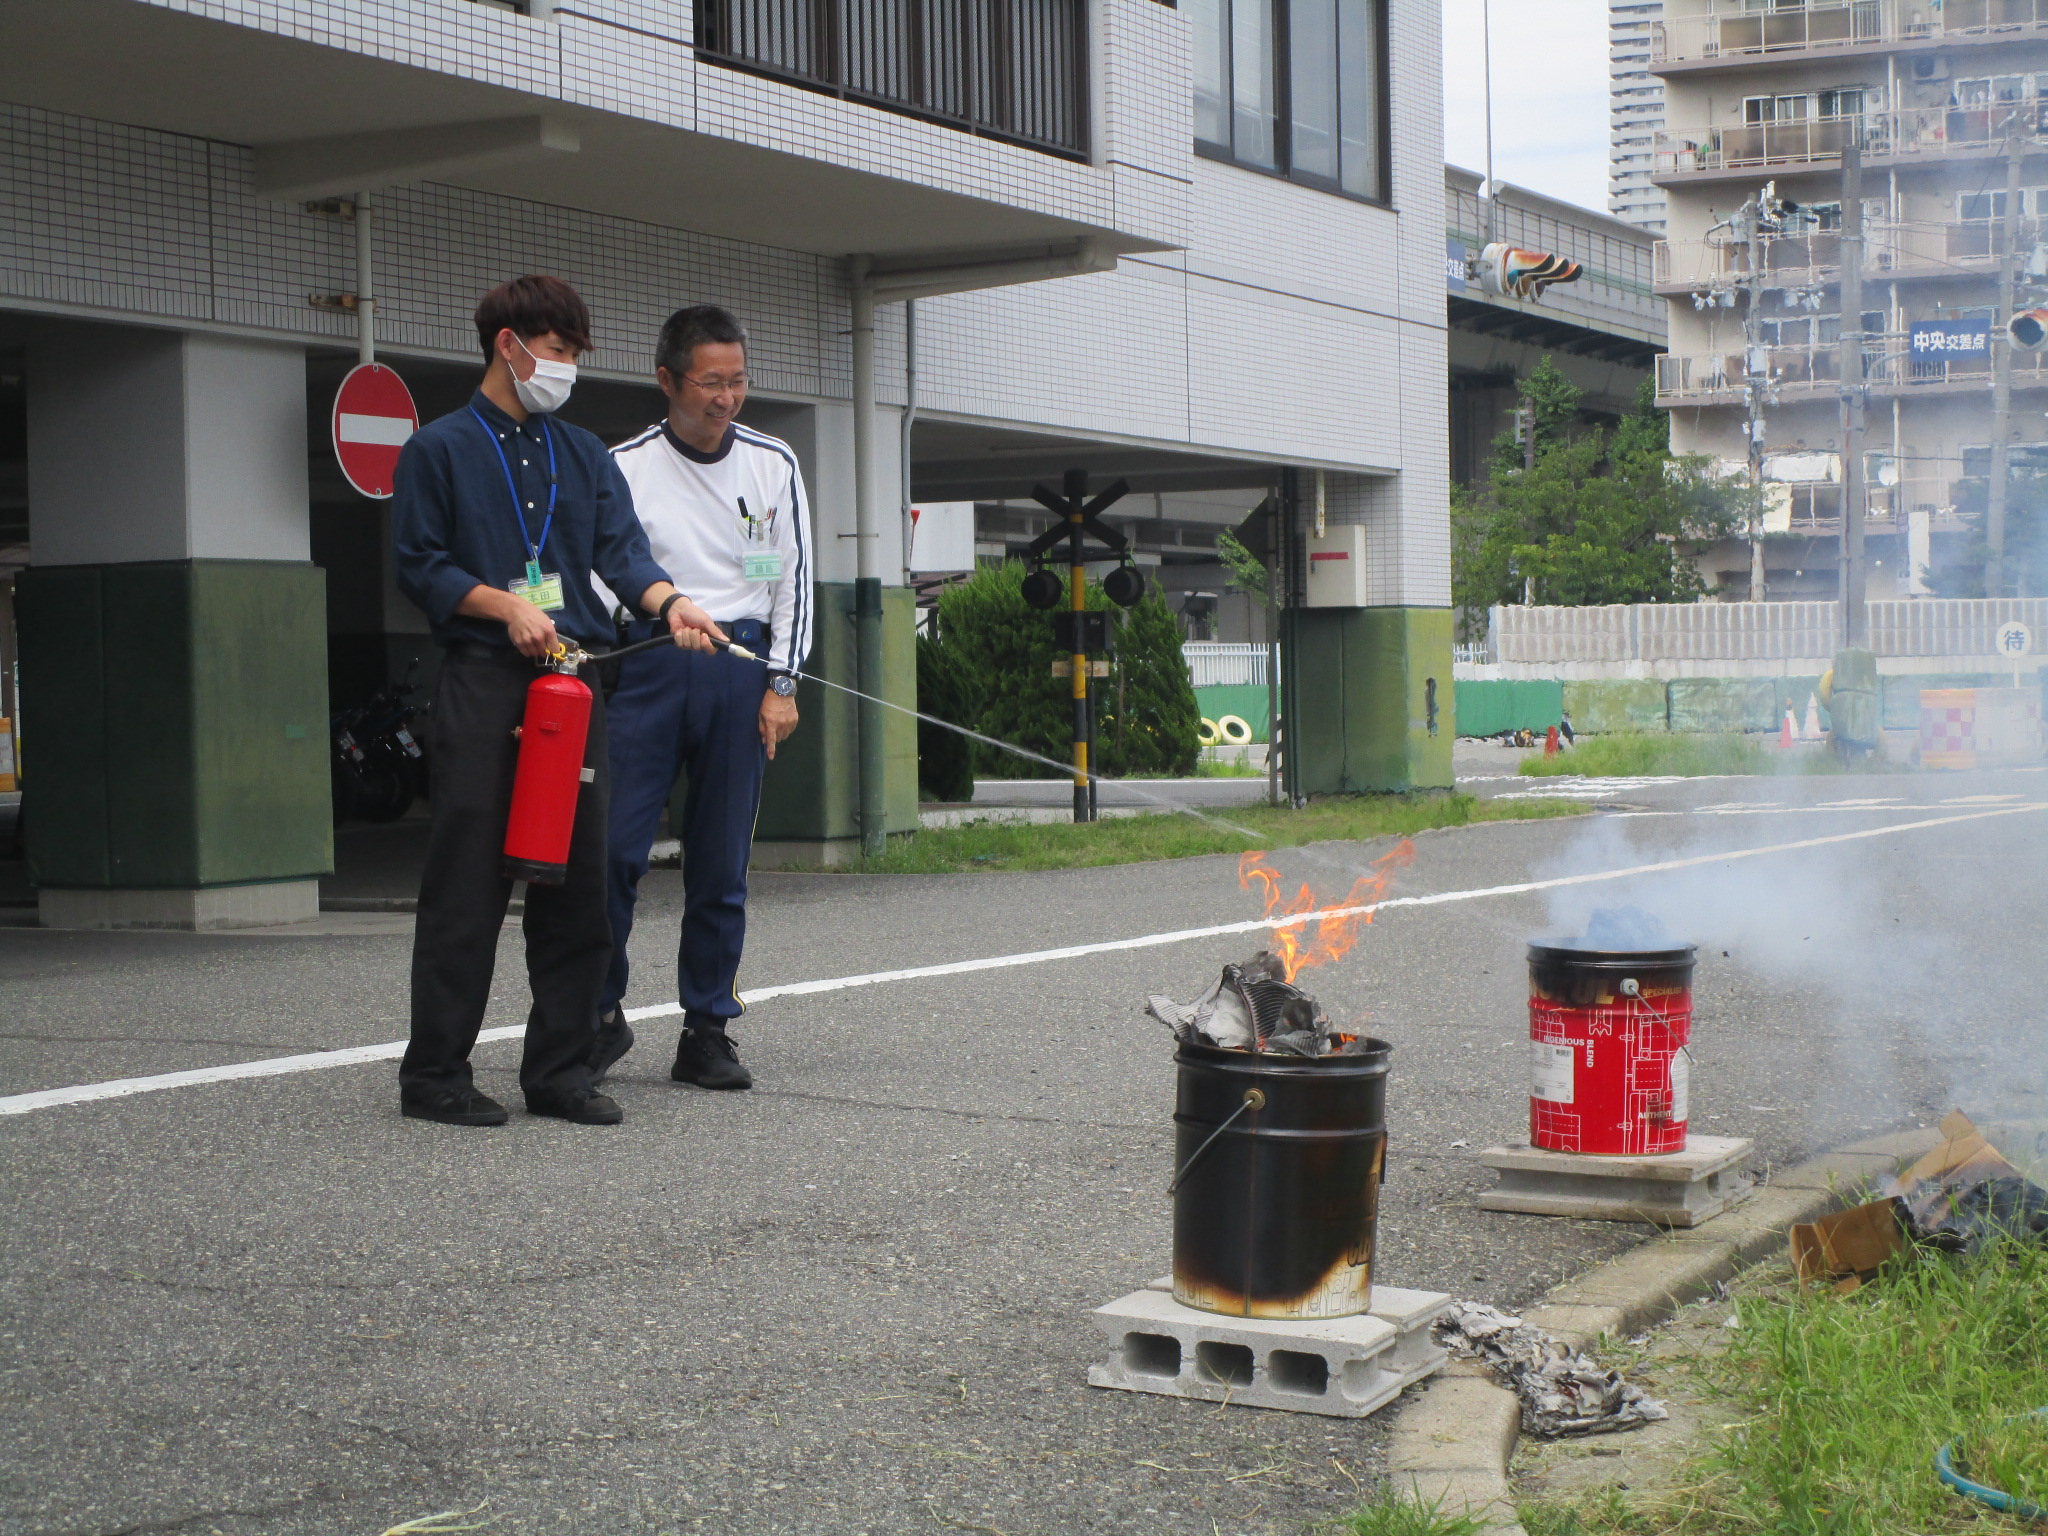 消防訓練を実施しました